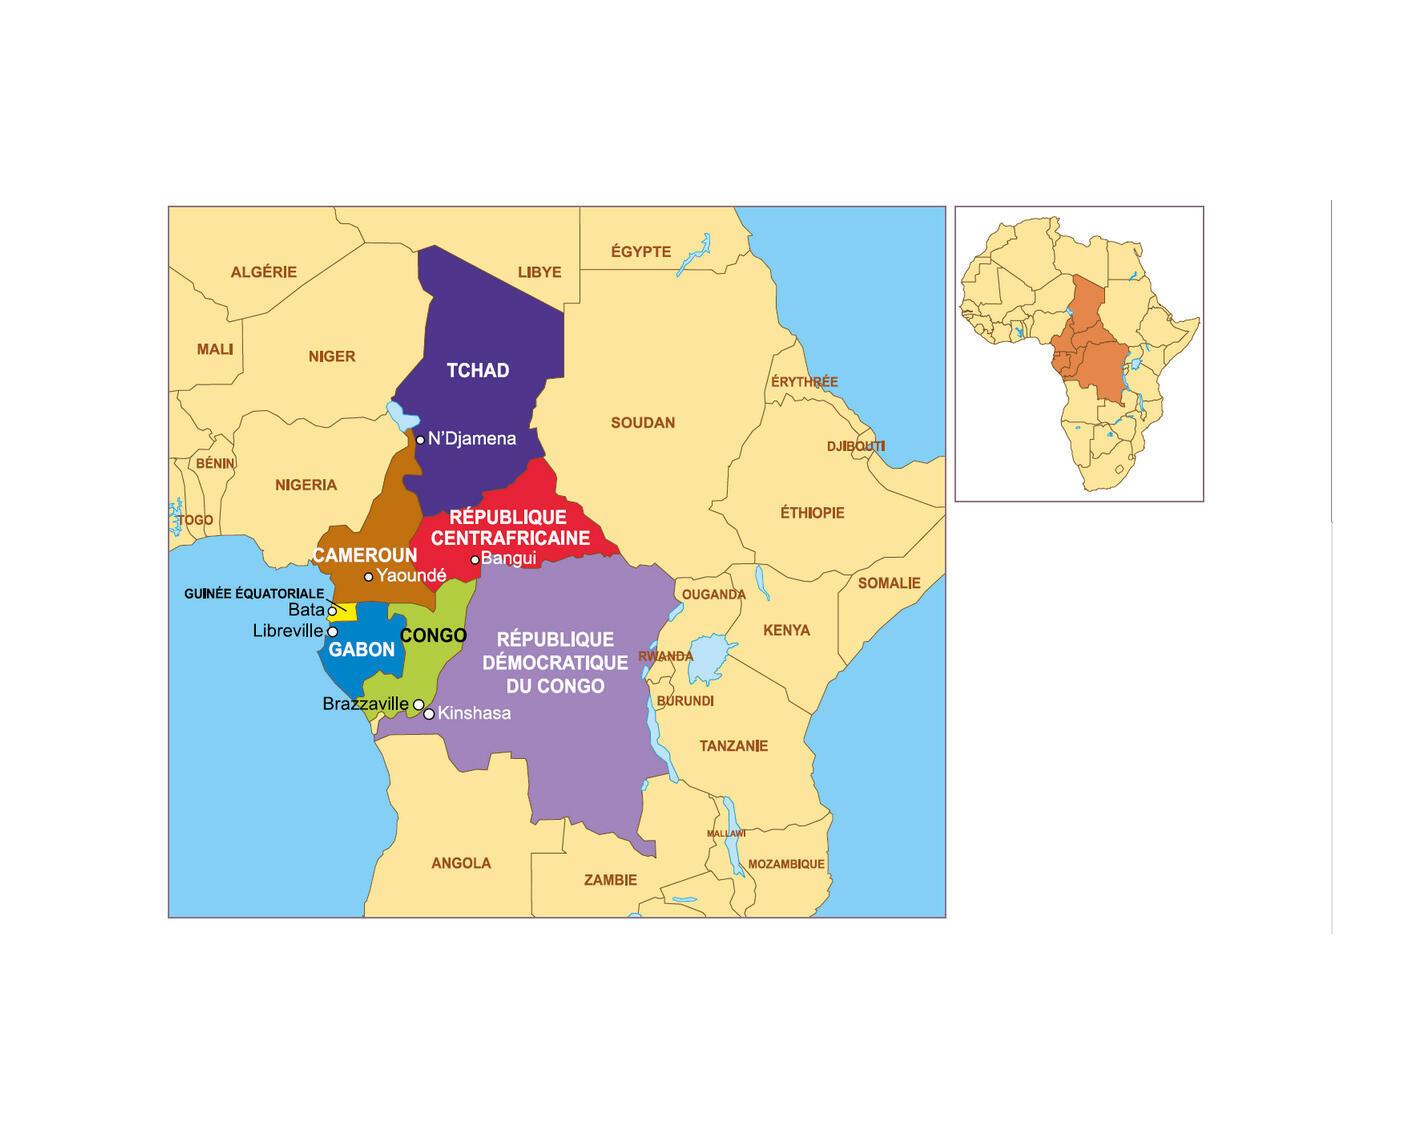 L'Afrique centrale, fief historique des OPEX